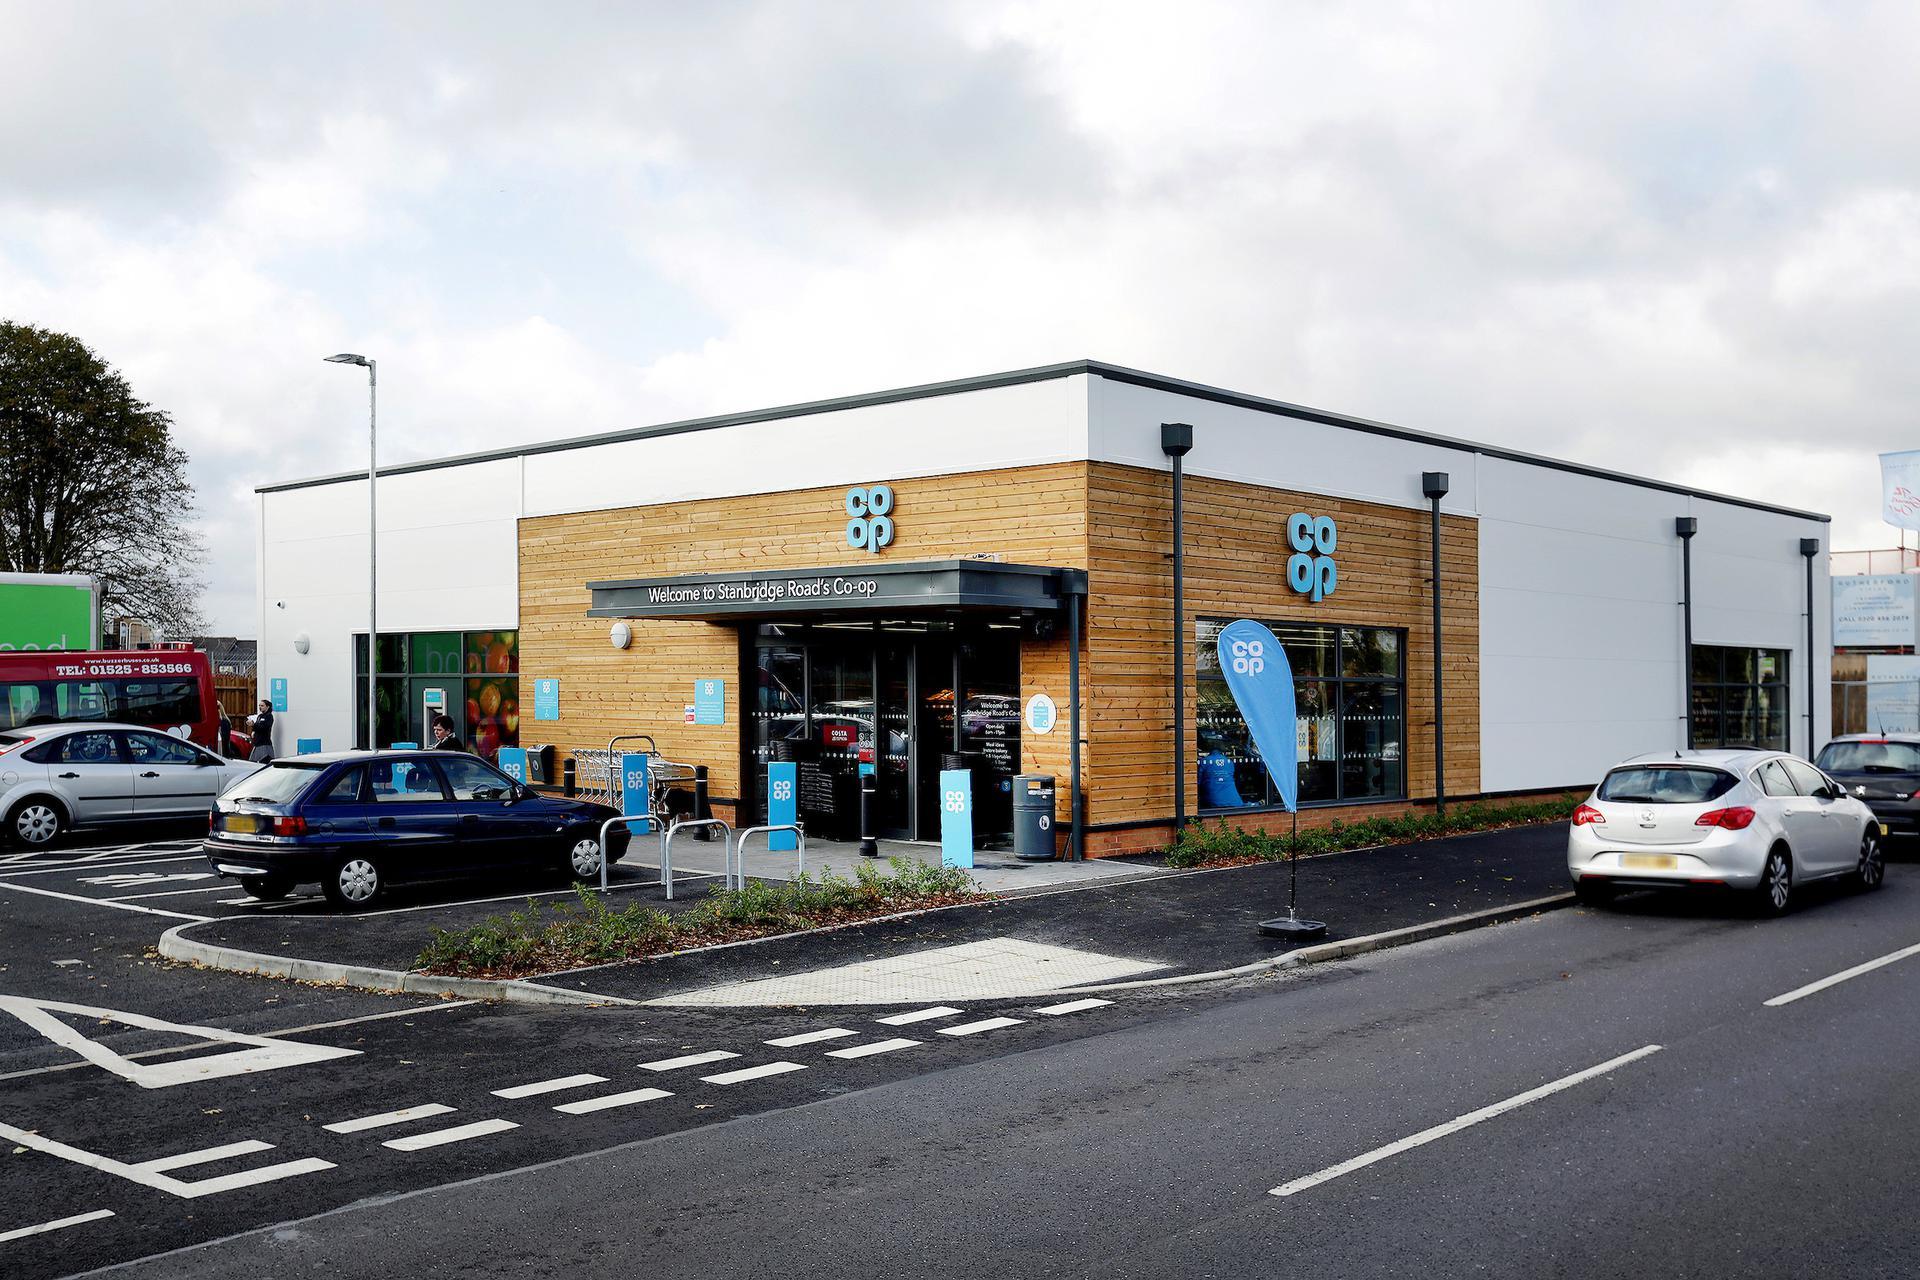 A photograph of Leighton Buzzard Stanbridge Road